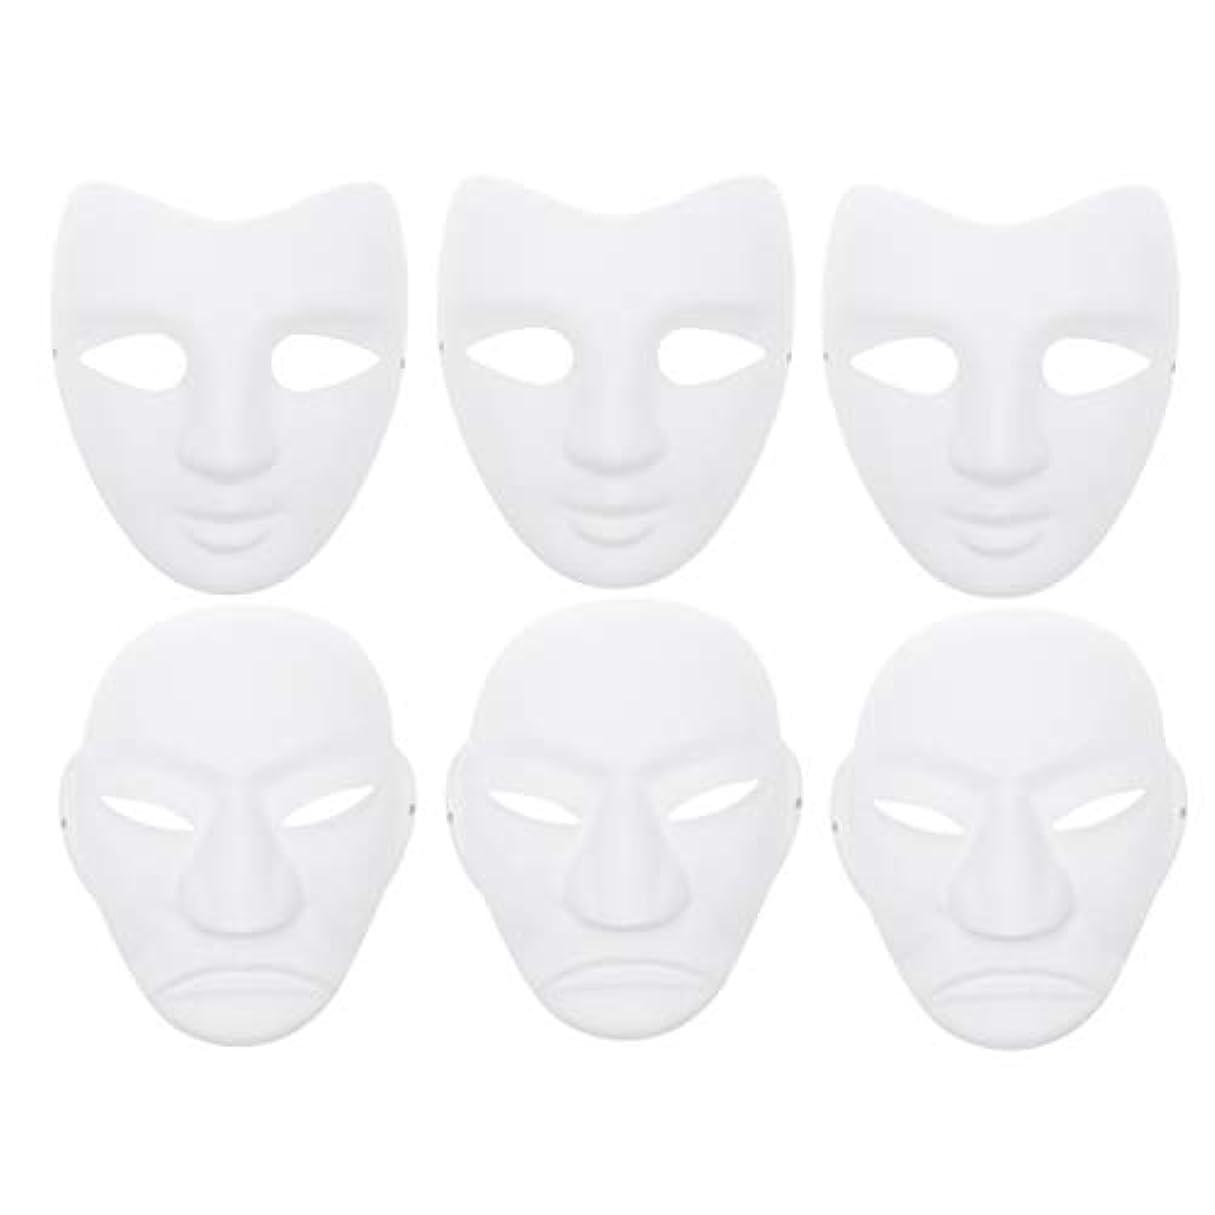 ライトニング池小屋BESTOYARD 大人のダンスの仮面舞踏会のための6個のパルプブランクマスククラフトキットDIY